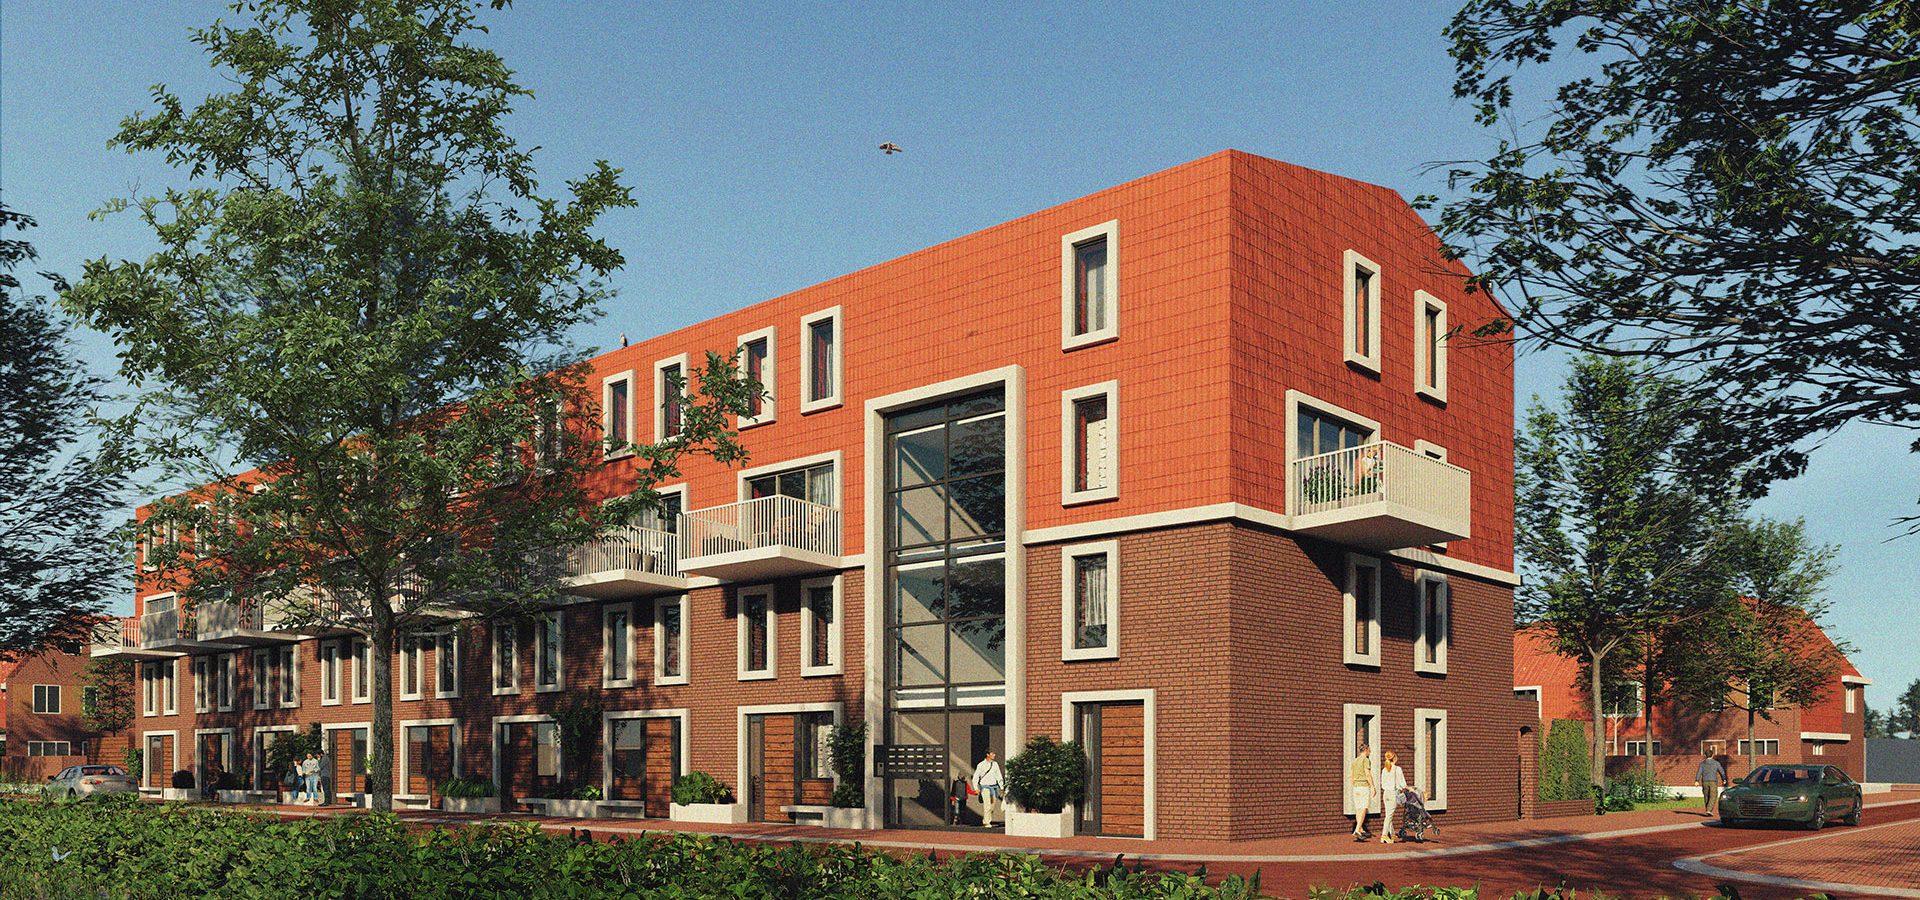 FARO architecten Tuindorp Weerestein 04